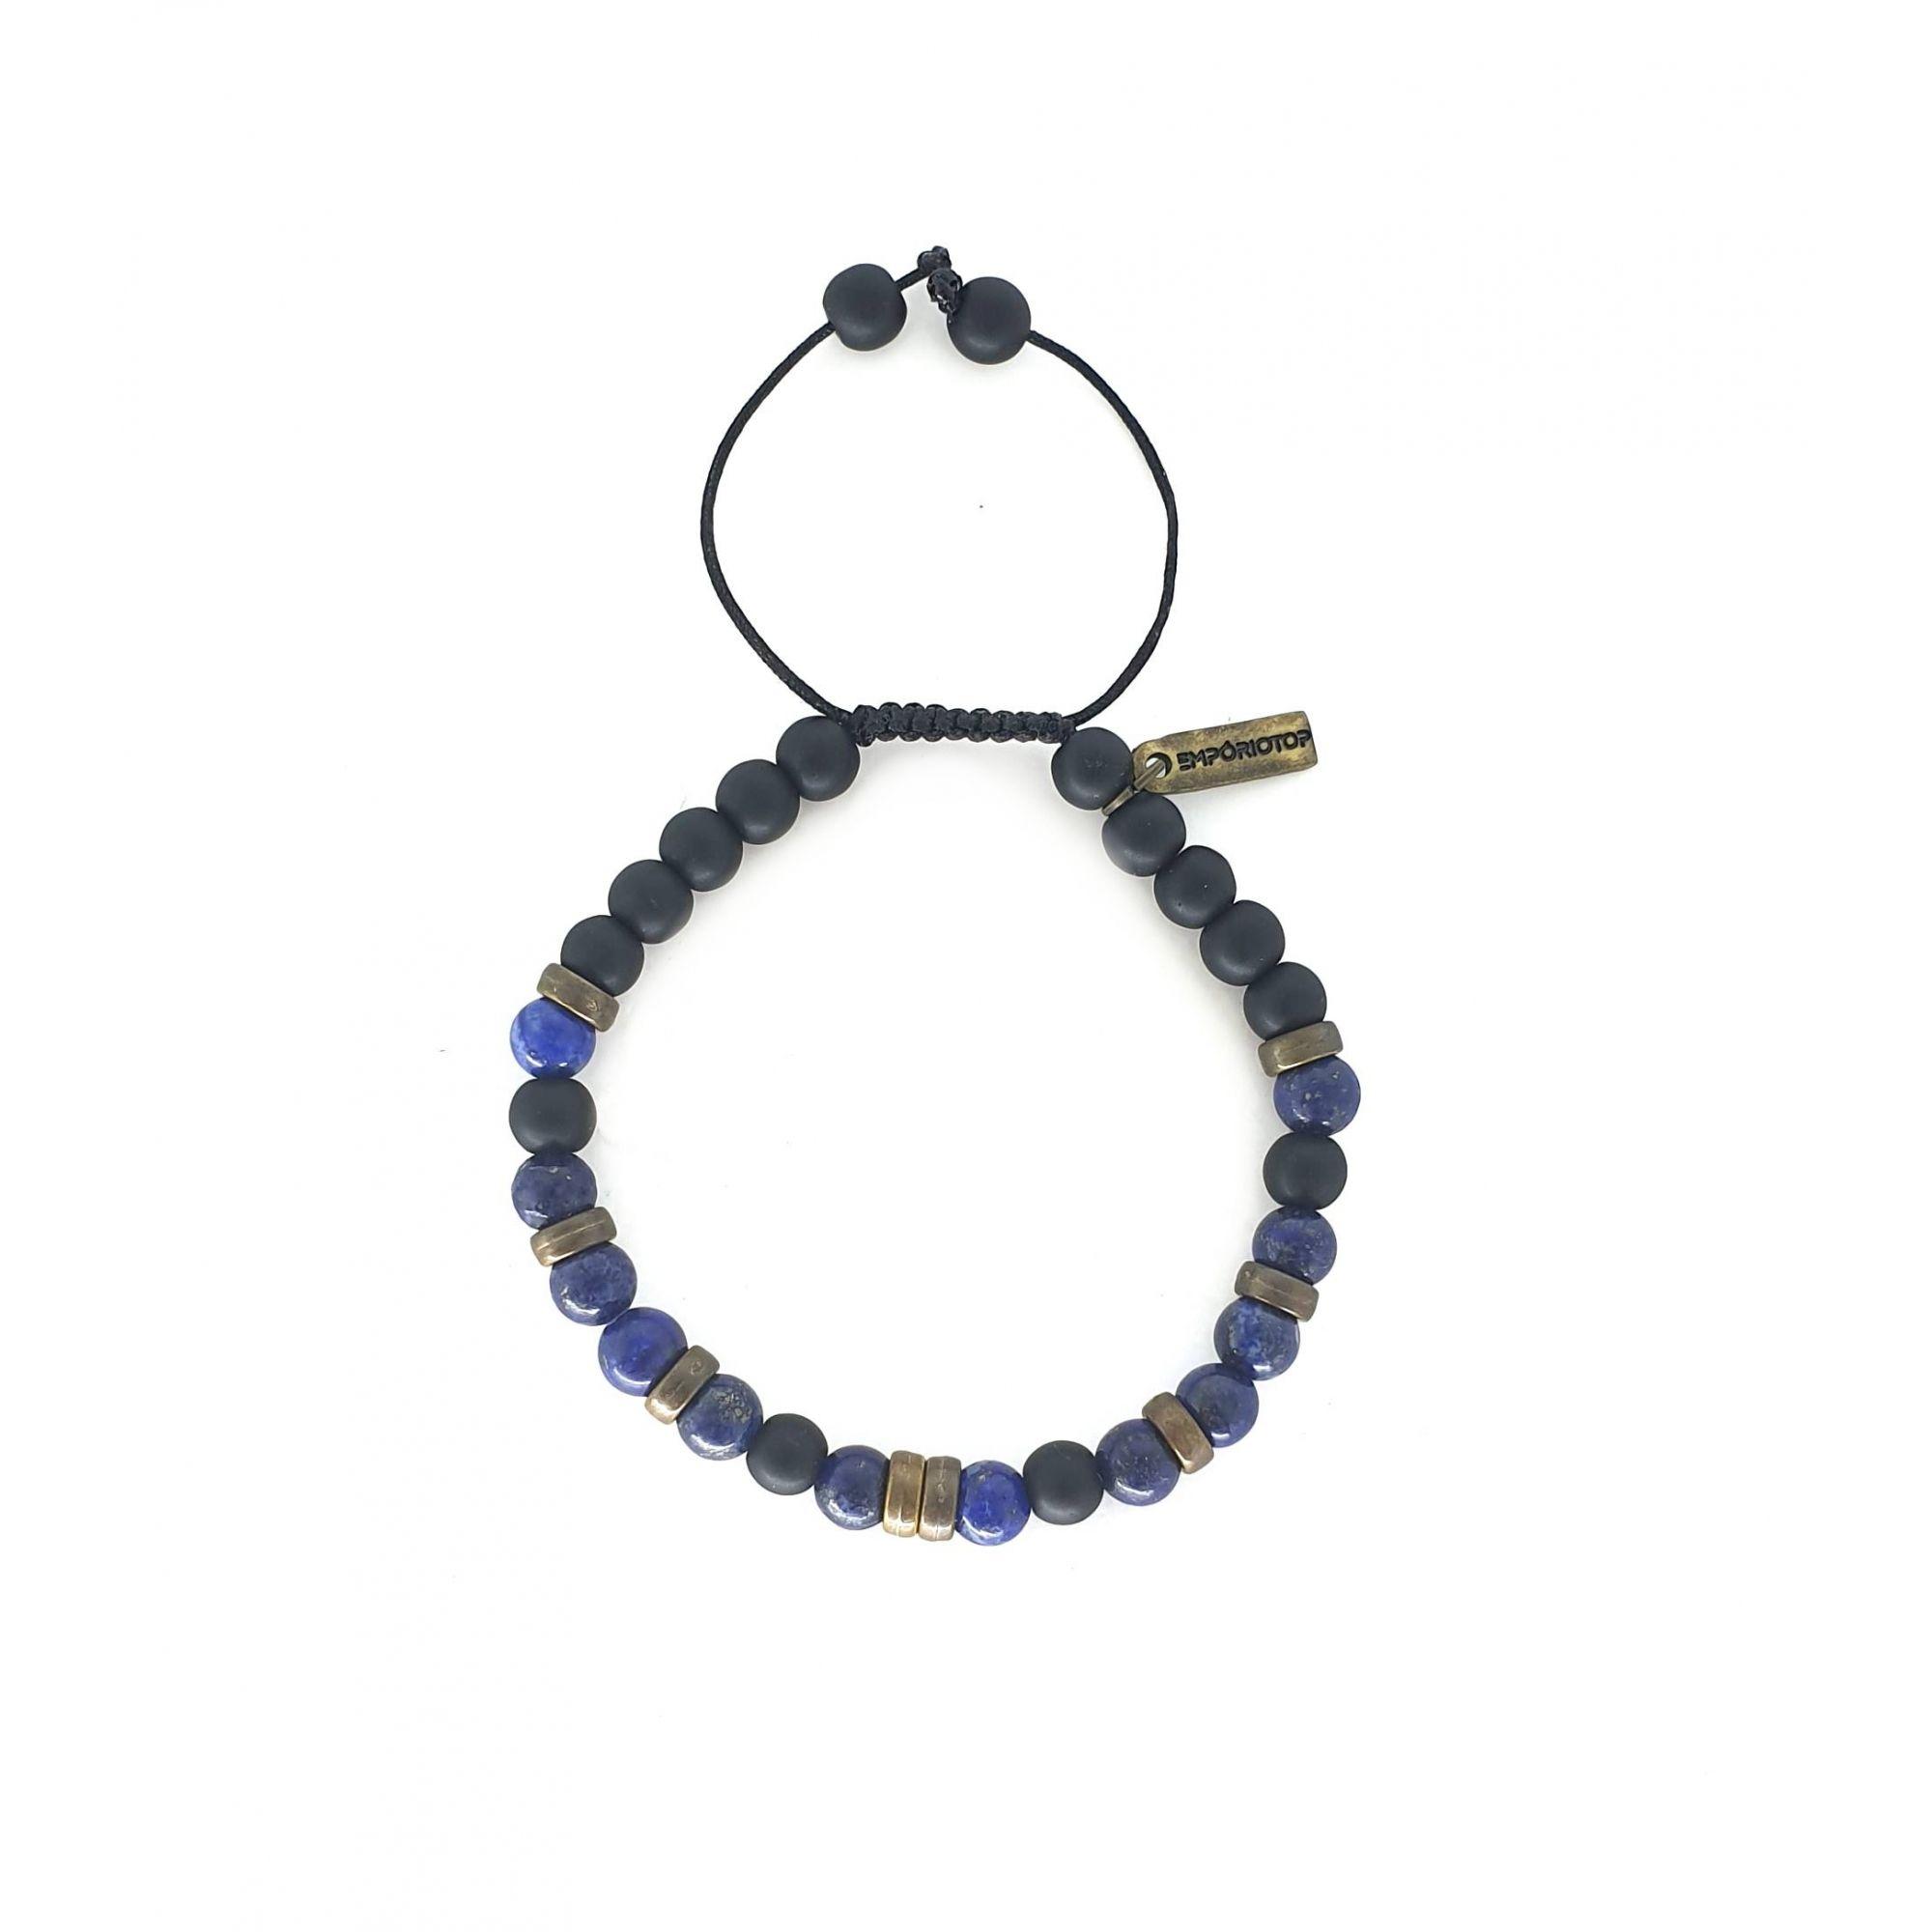 Pulseira Emporio Top de Pedras Smash Azul